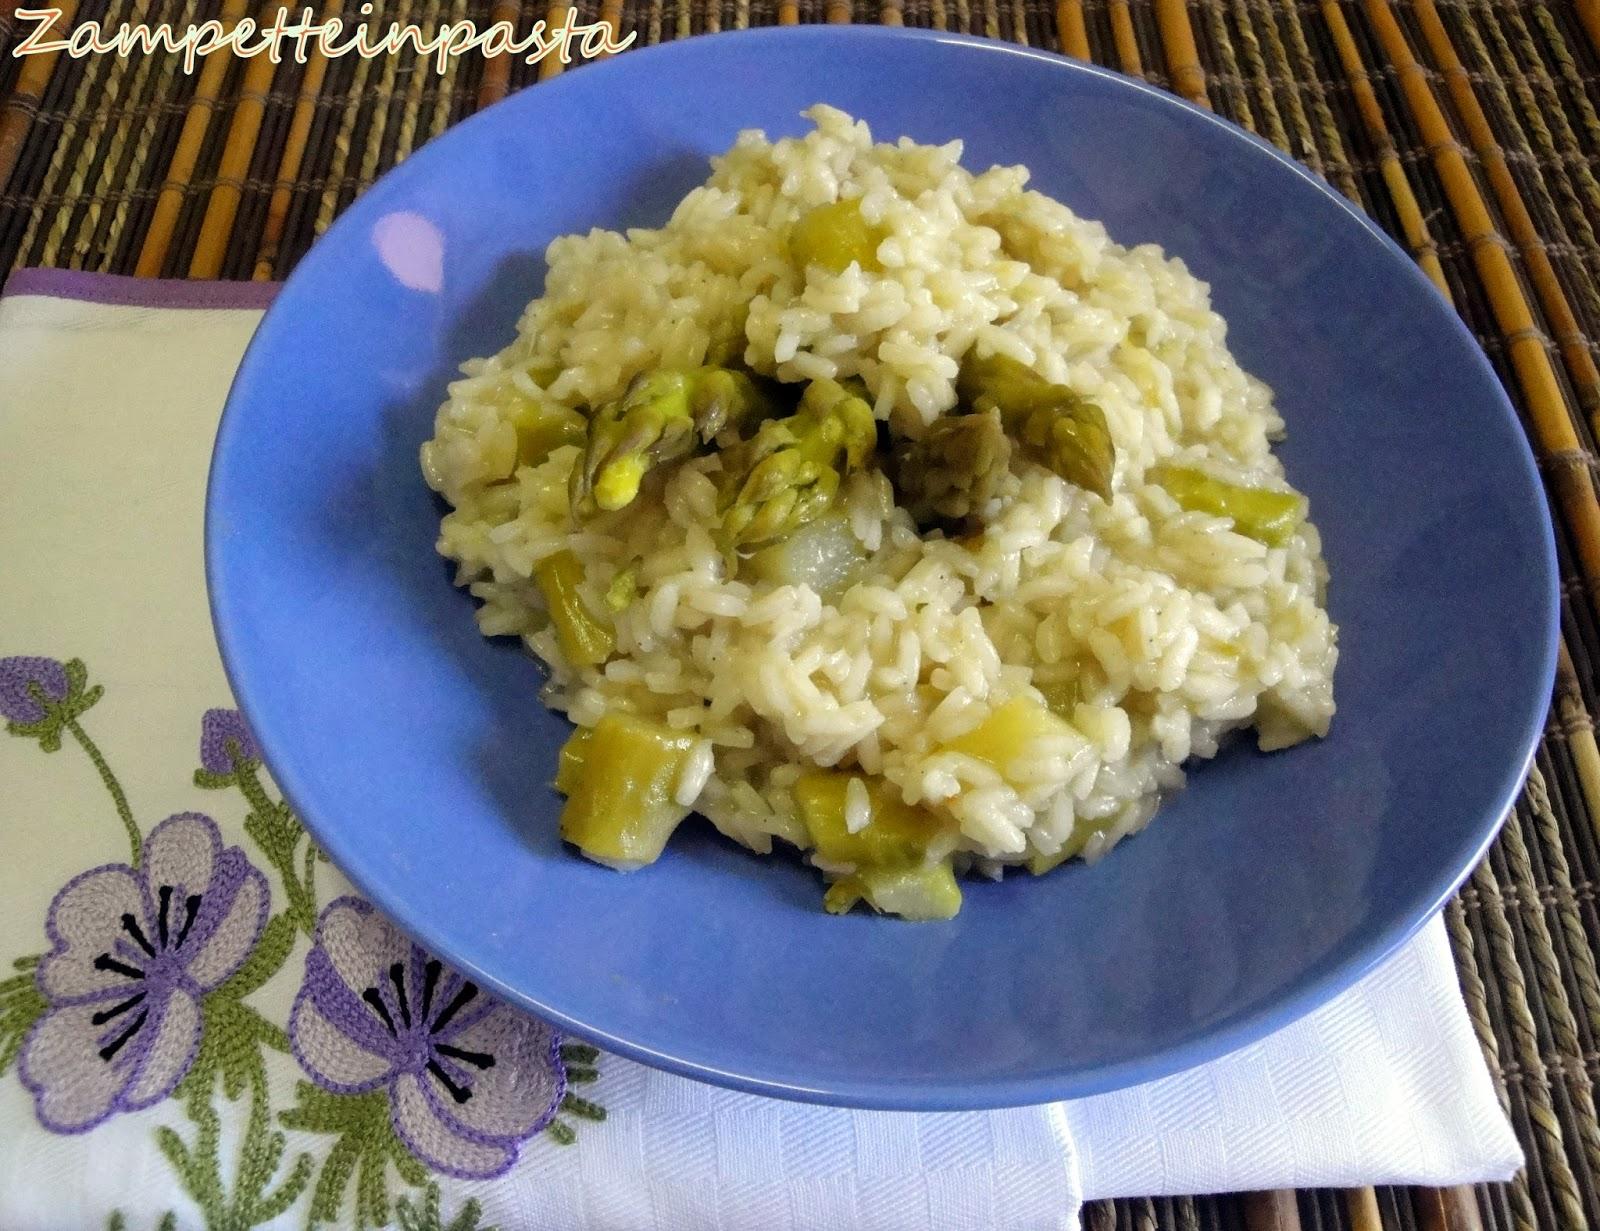 Risotto agli asparagi - Primo piatto con asparagi